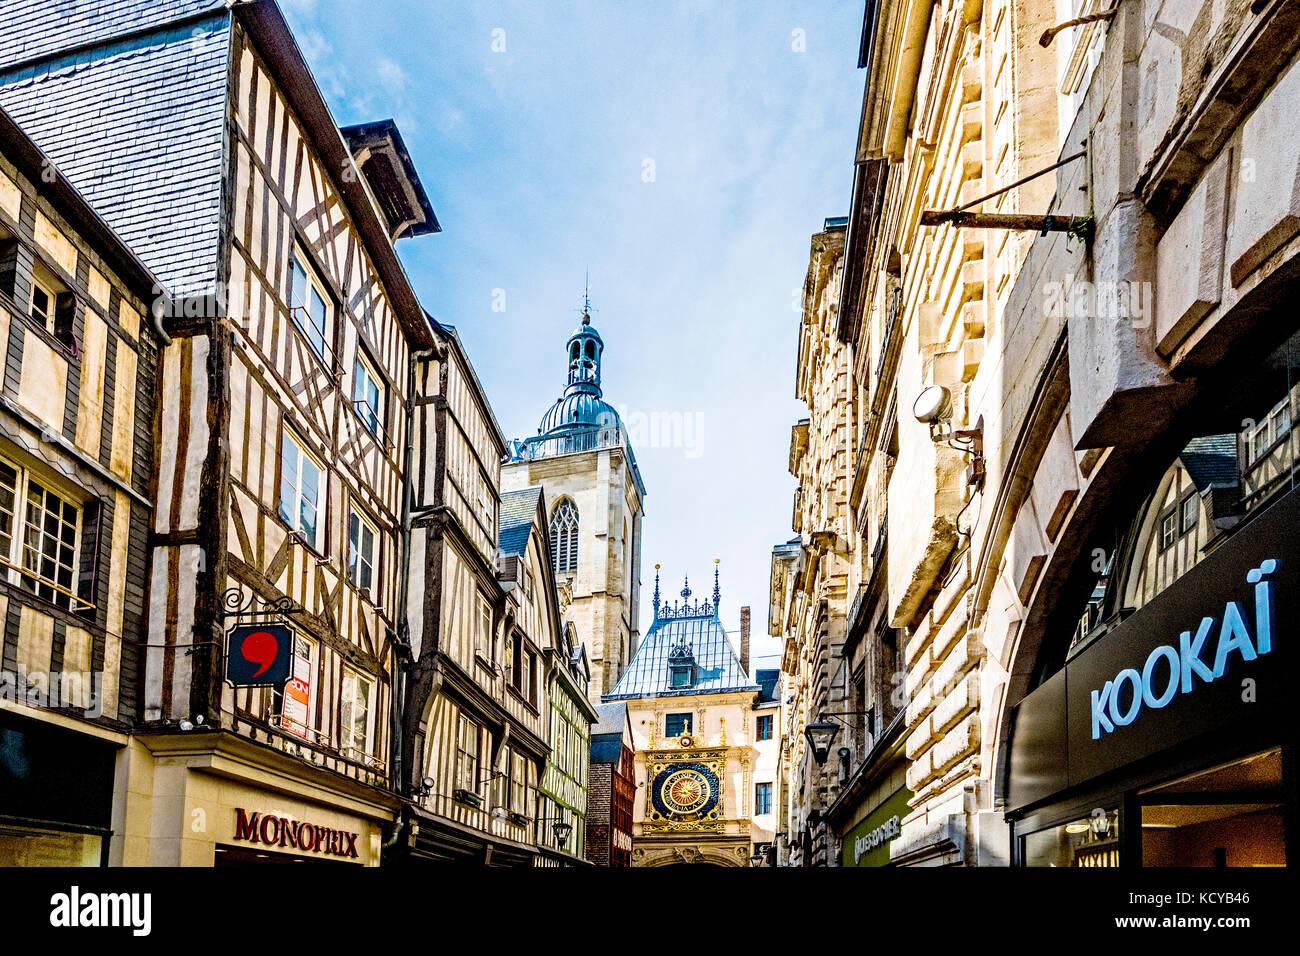 Rouen (Normandy, France)Le Gros Horloge - der Große Uhrturm - Stock Image